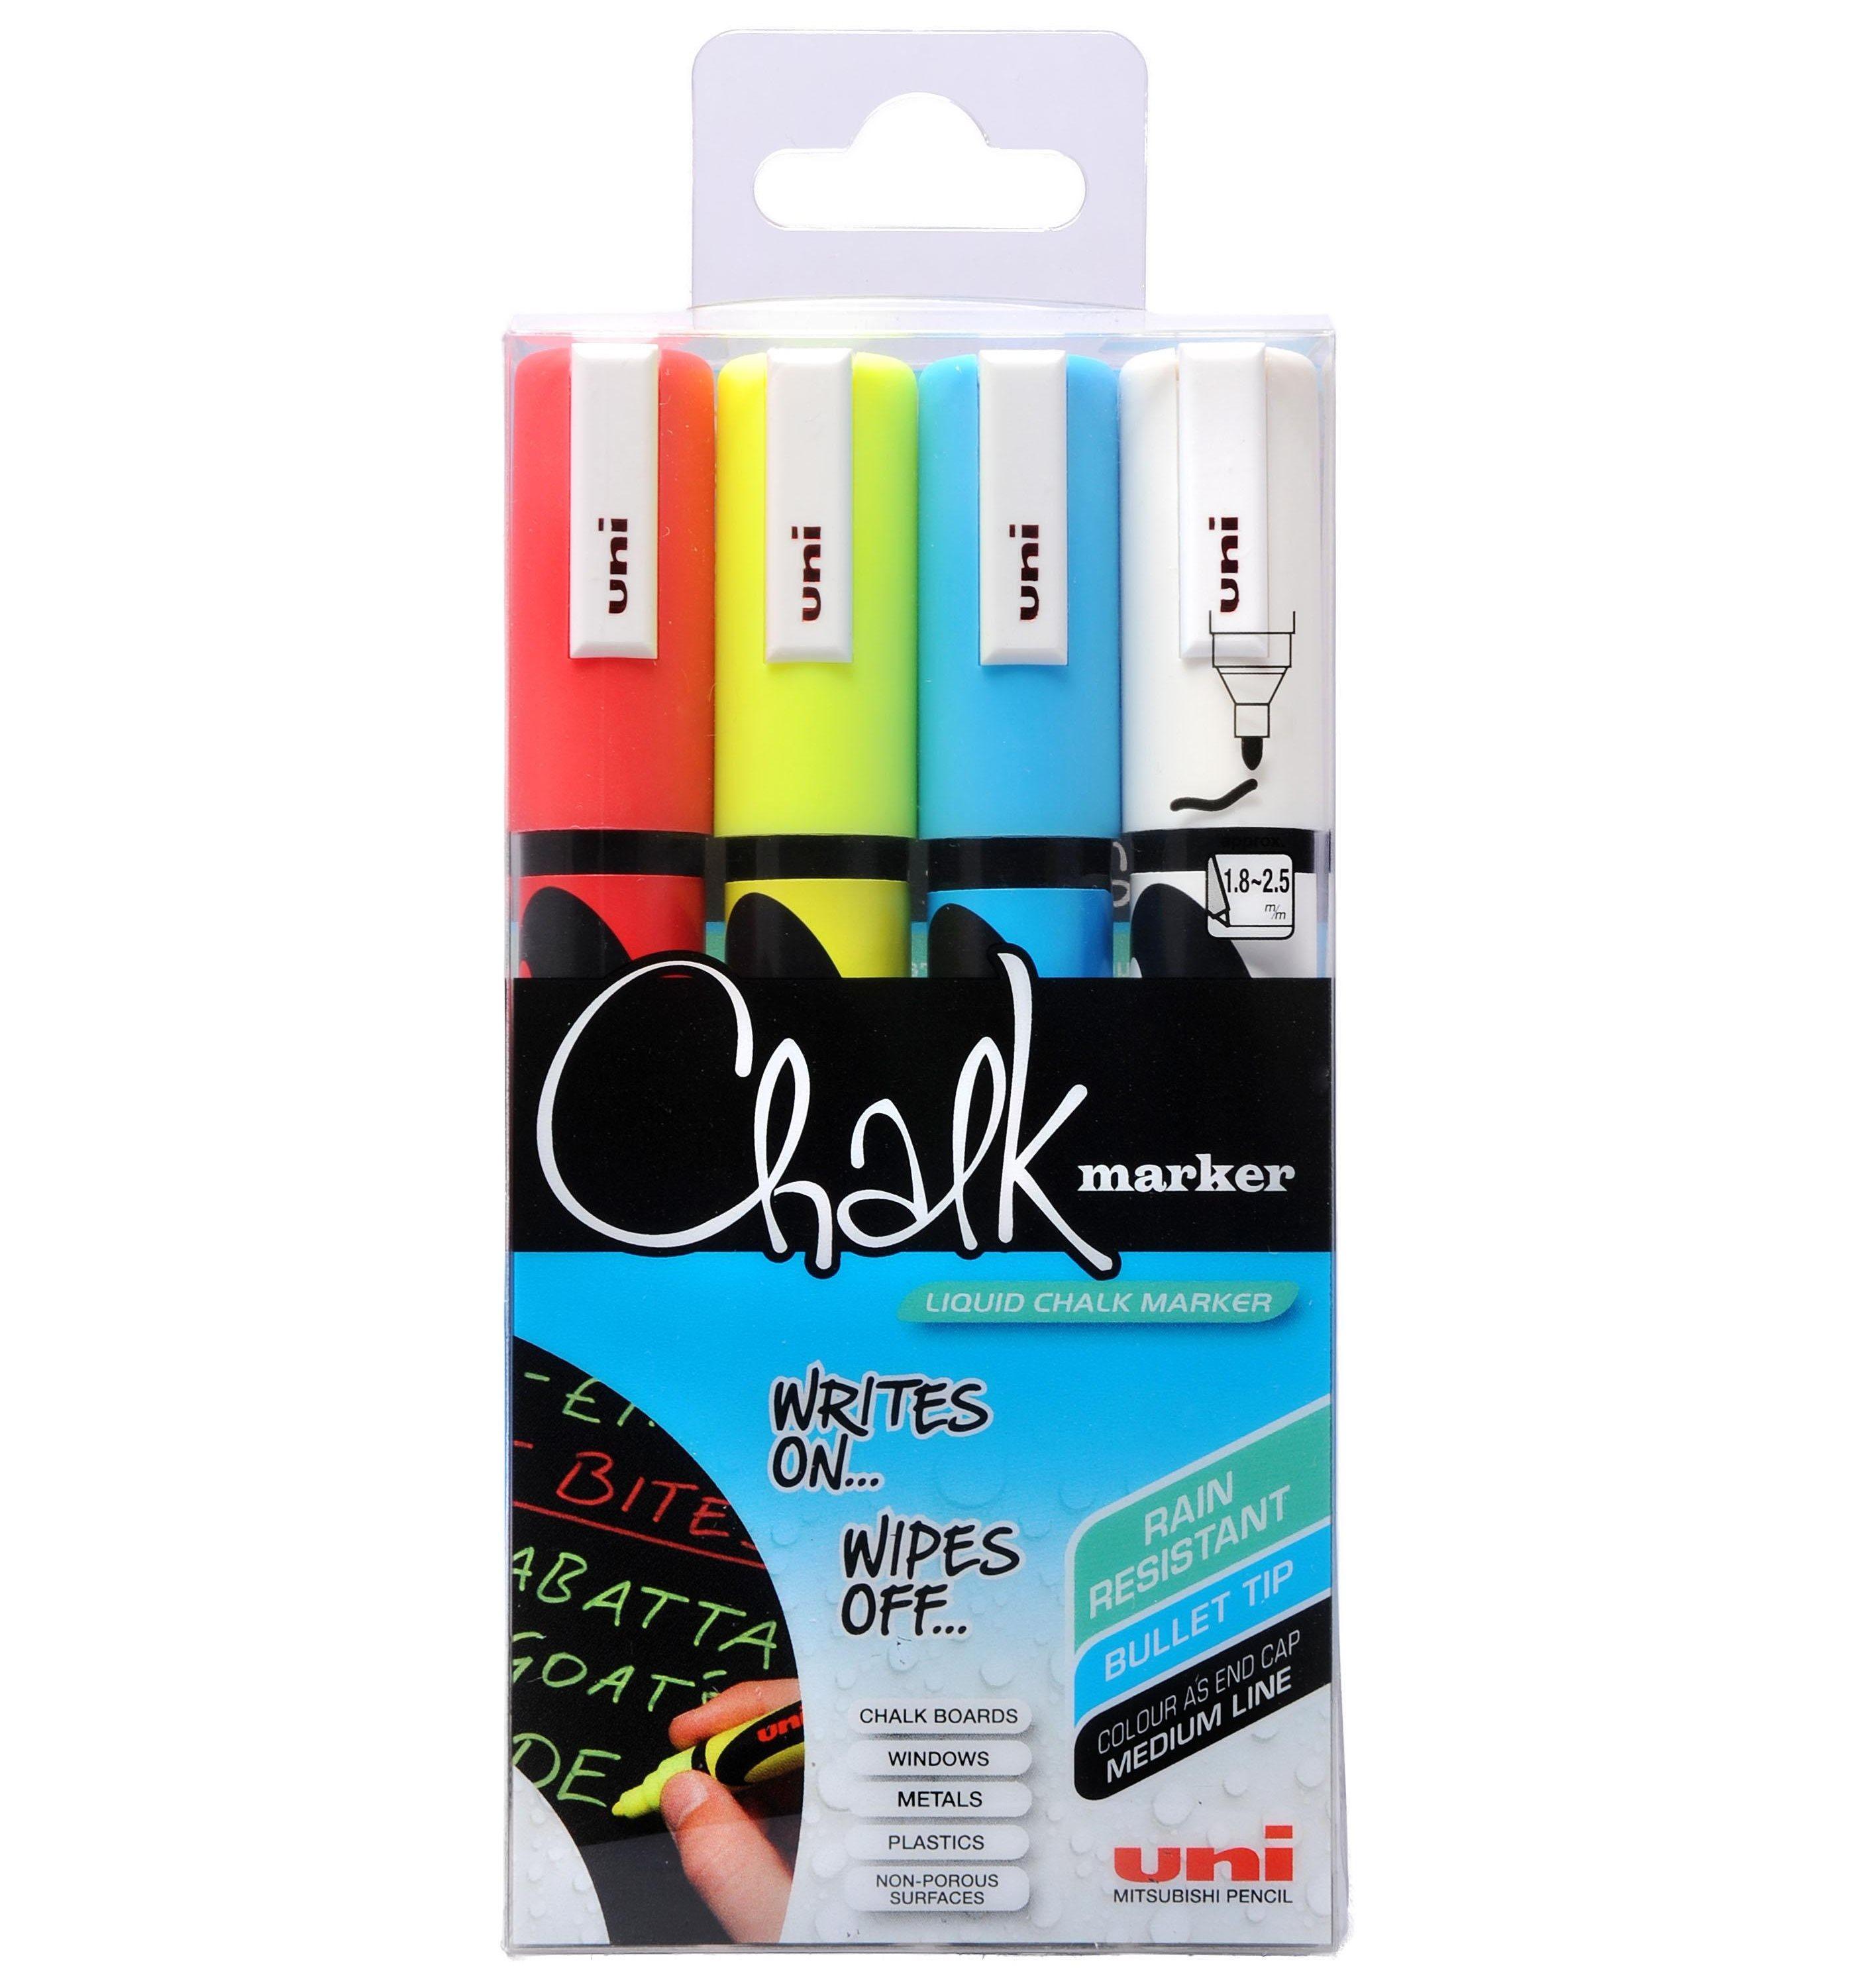 Uni - Chalkmarker 5M - Assorted colors, 4 pc